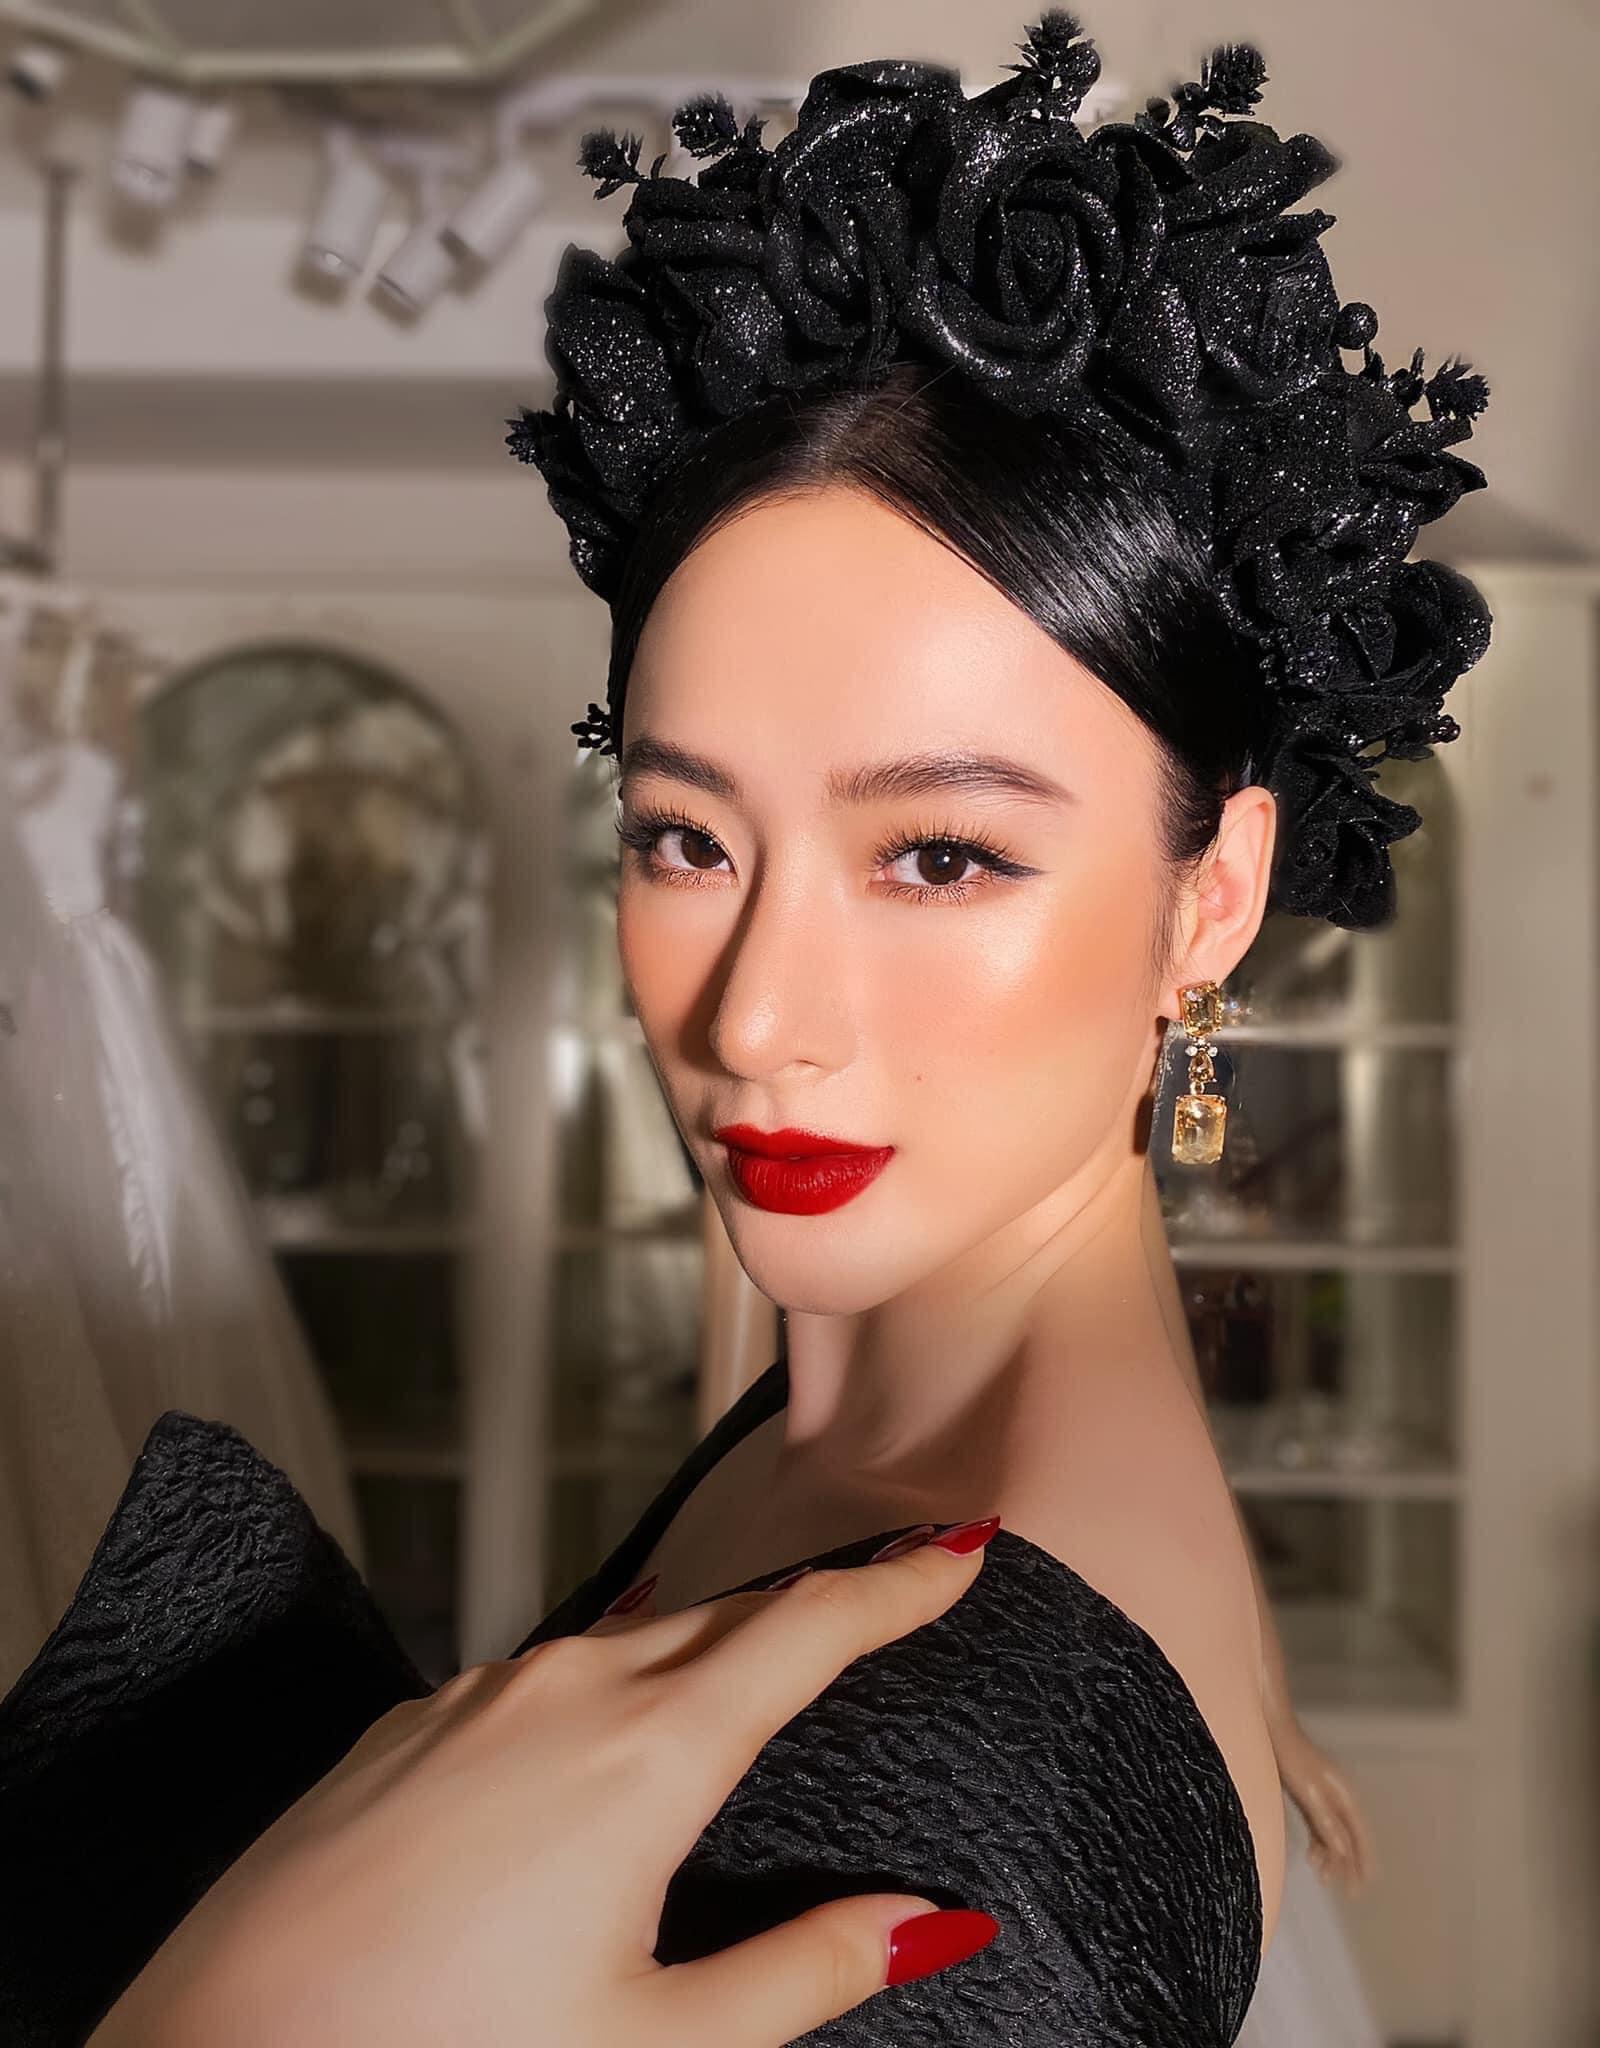 """Đến ảnh chụp vội, Angela Phương Trinh cũng vẫn toát lên thần thái của một """"nữ hoàng thảm đỏ"""" - Ảnh 1."""